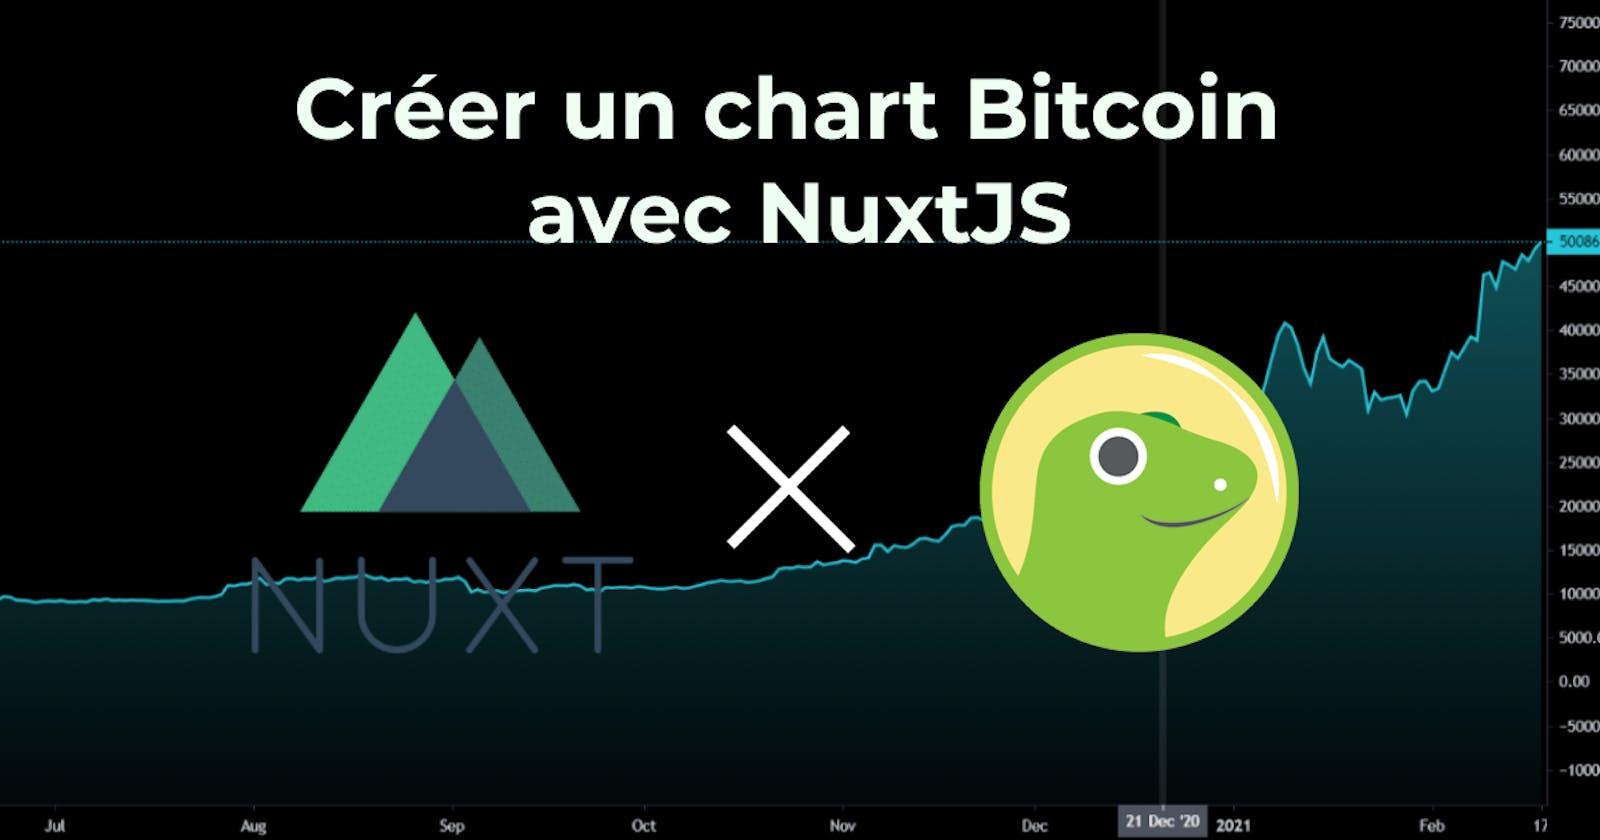 Créer un chart Bitcoin avec NuxtJS